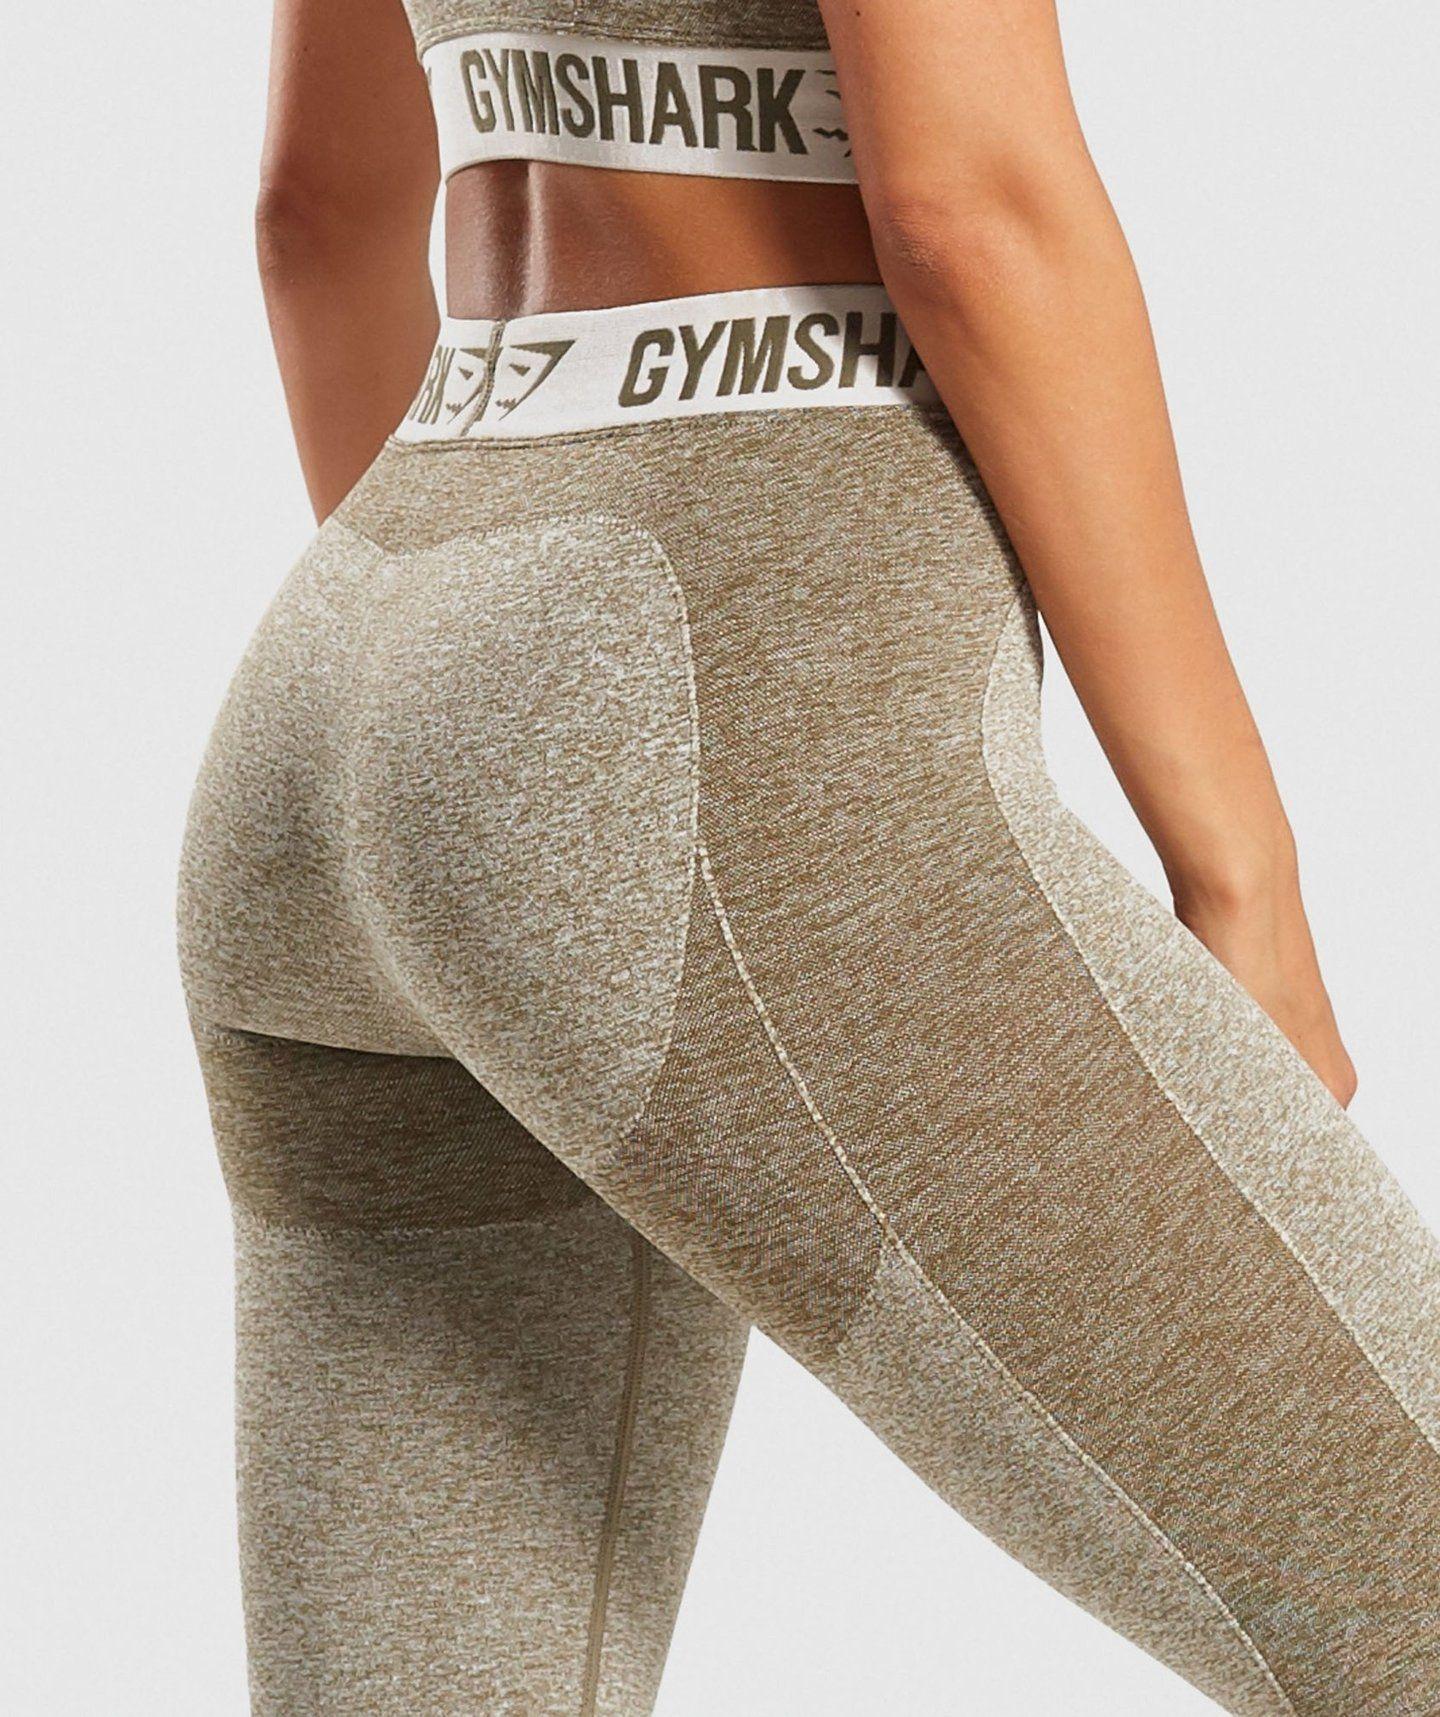 09185ffa Gymshark Flex Leggings - Khaki/Sand   Exercise   Gymshark flex ...